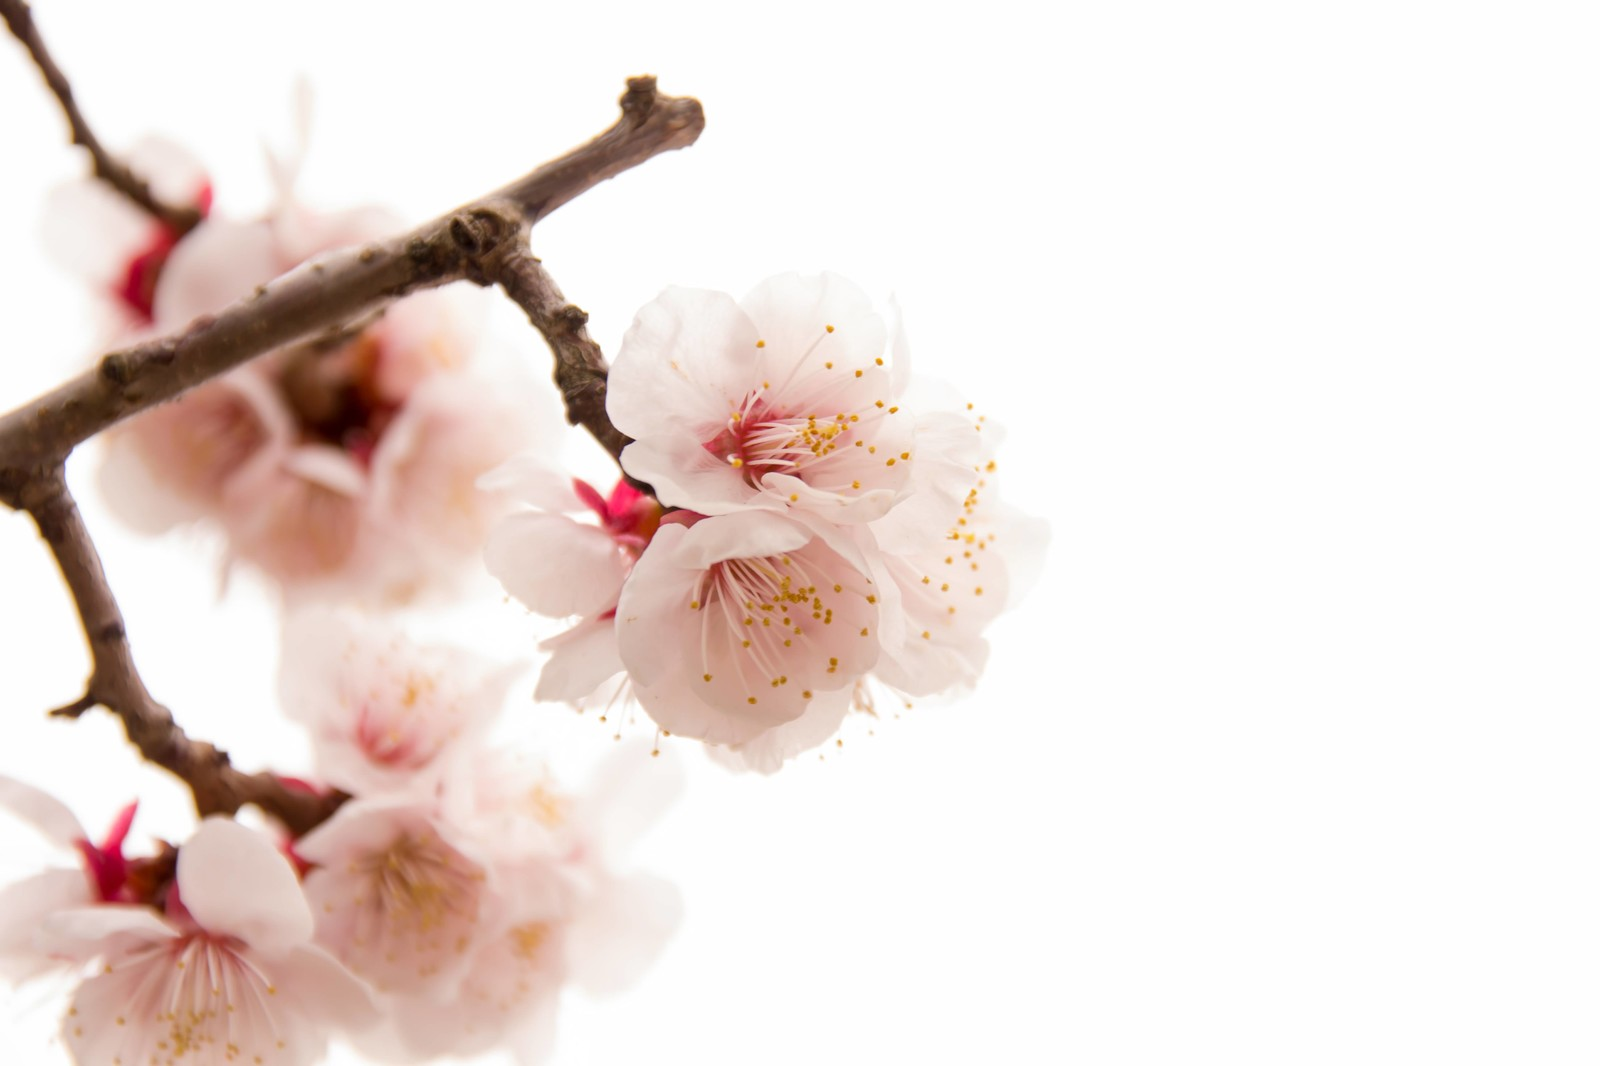 「開花した白梅開花した白梅」のフリー写真素材を拡大